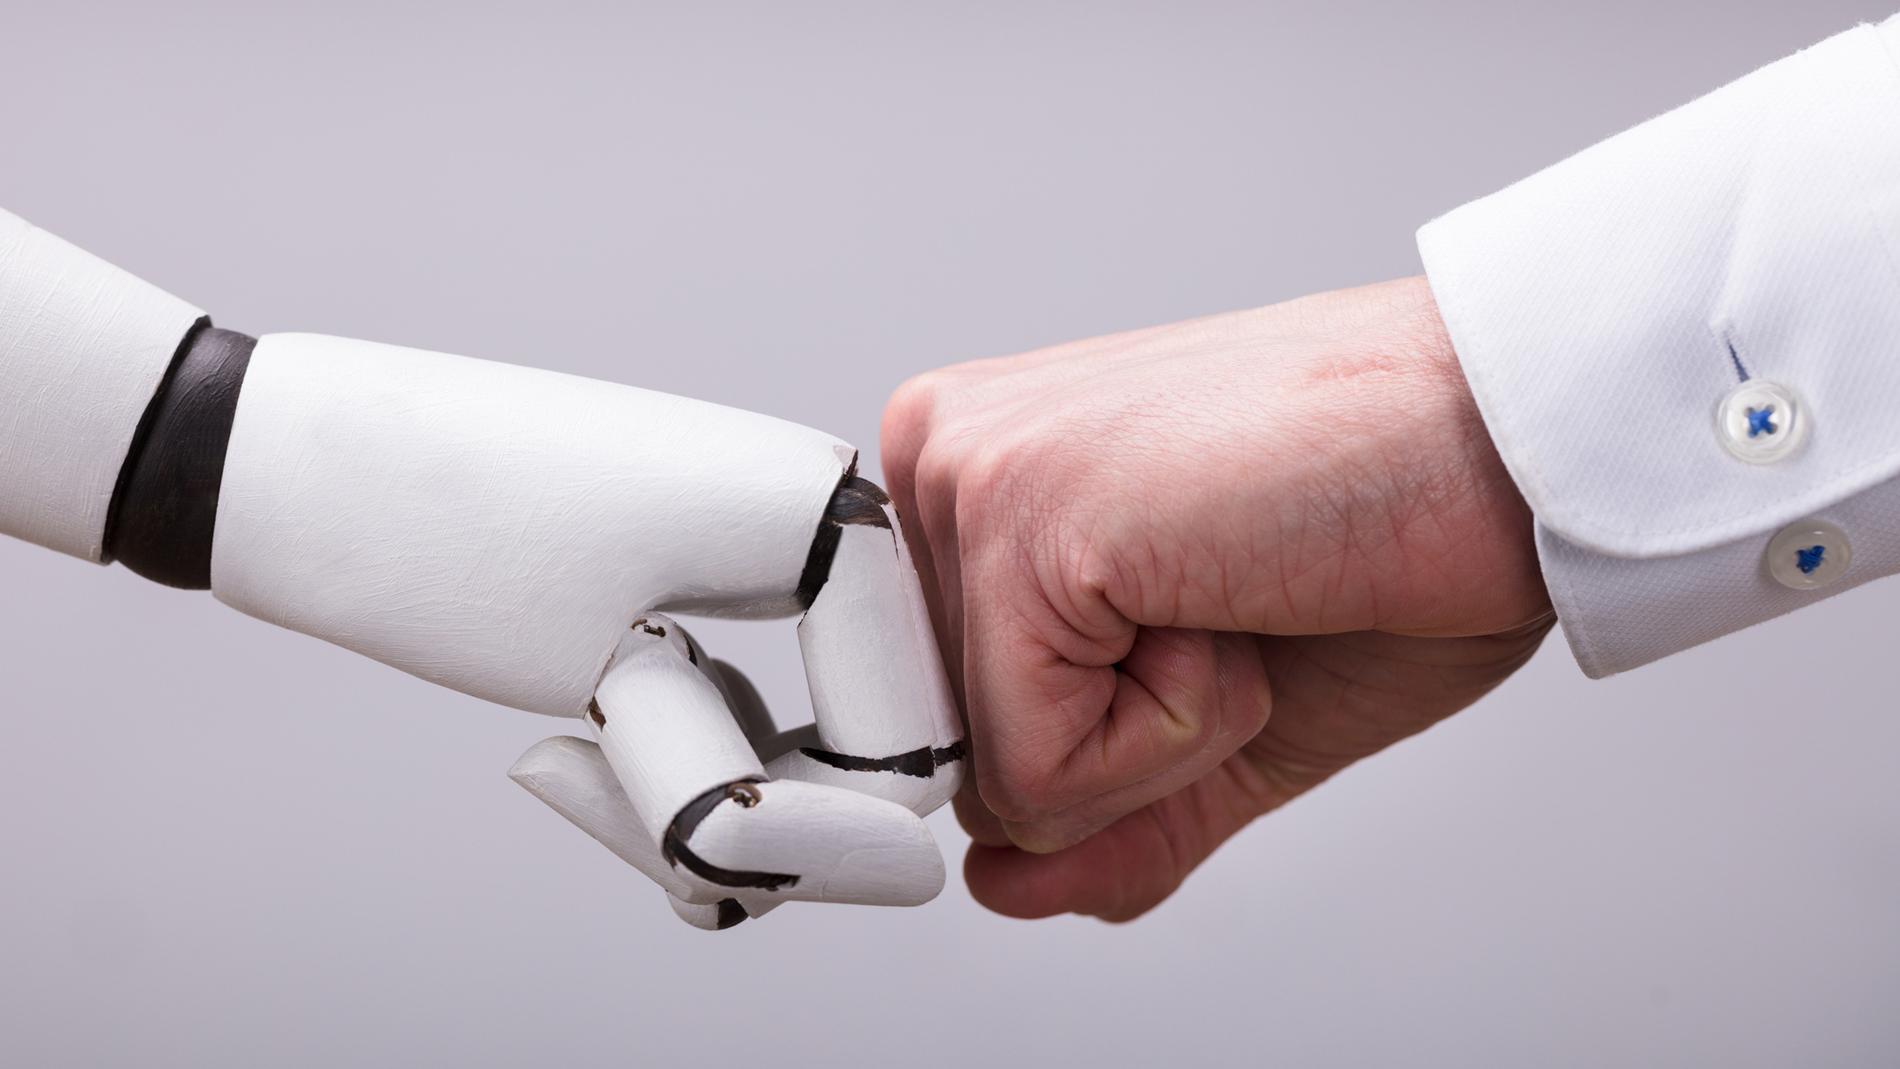 Robots sociales que aprenden de su relación con humanos: la apuesta de estos investigadores sevillanos